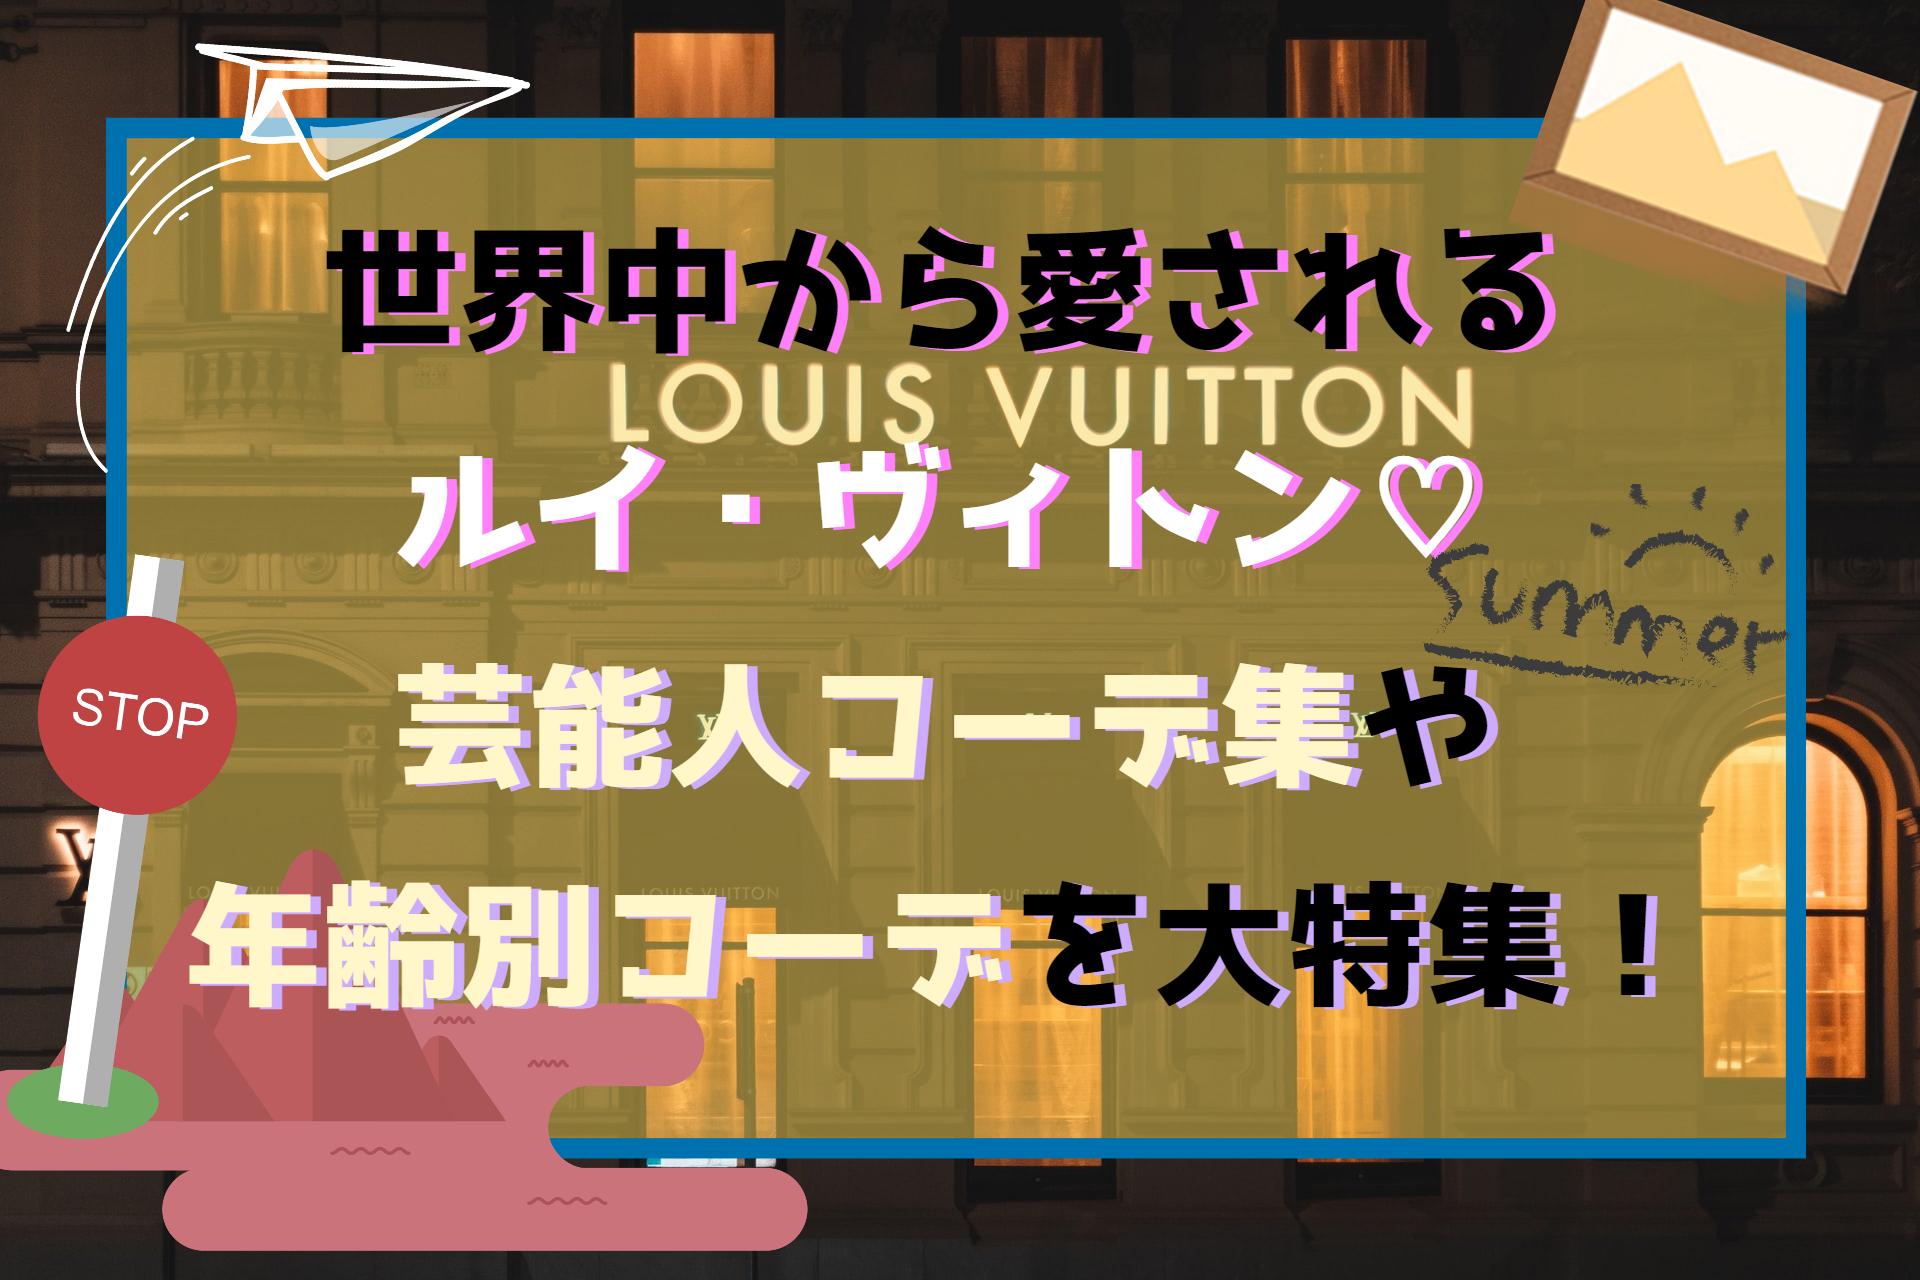 世界中から愛されるルイ・ヴィトン♡芸能人コーデ集や年齢別コーデを大特集!